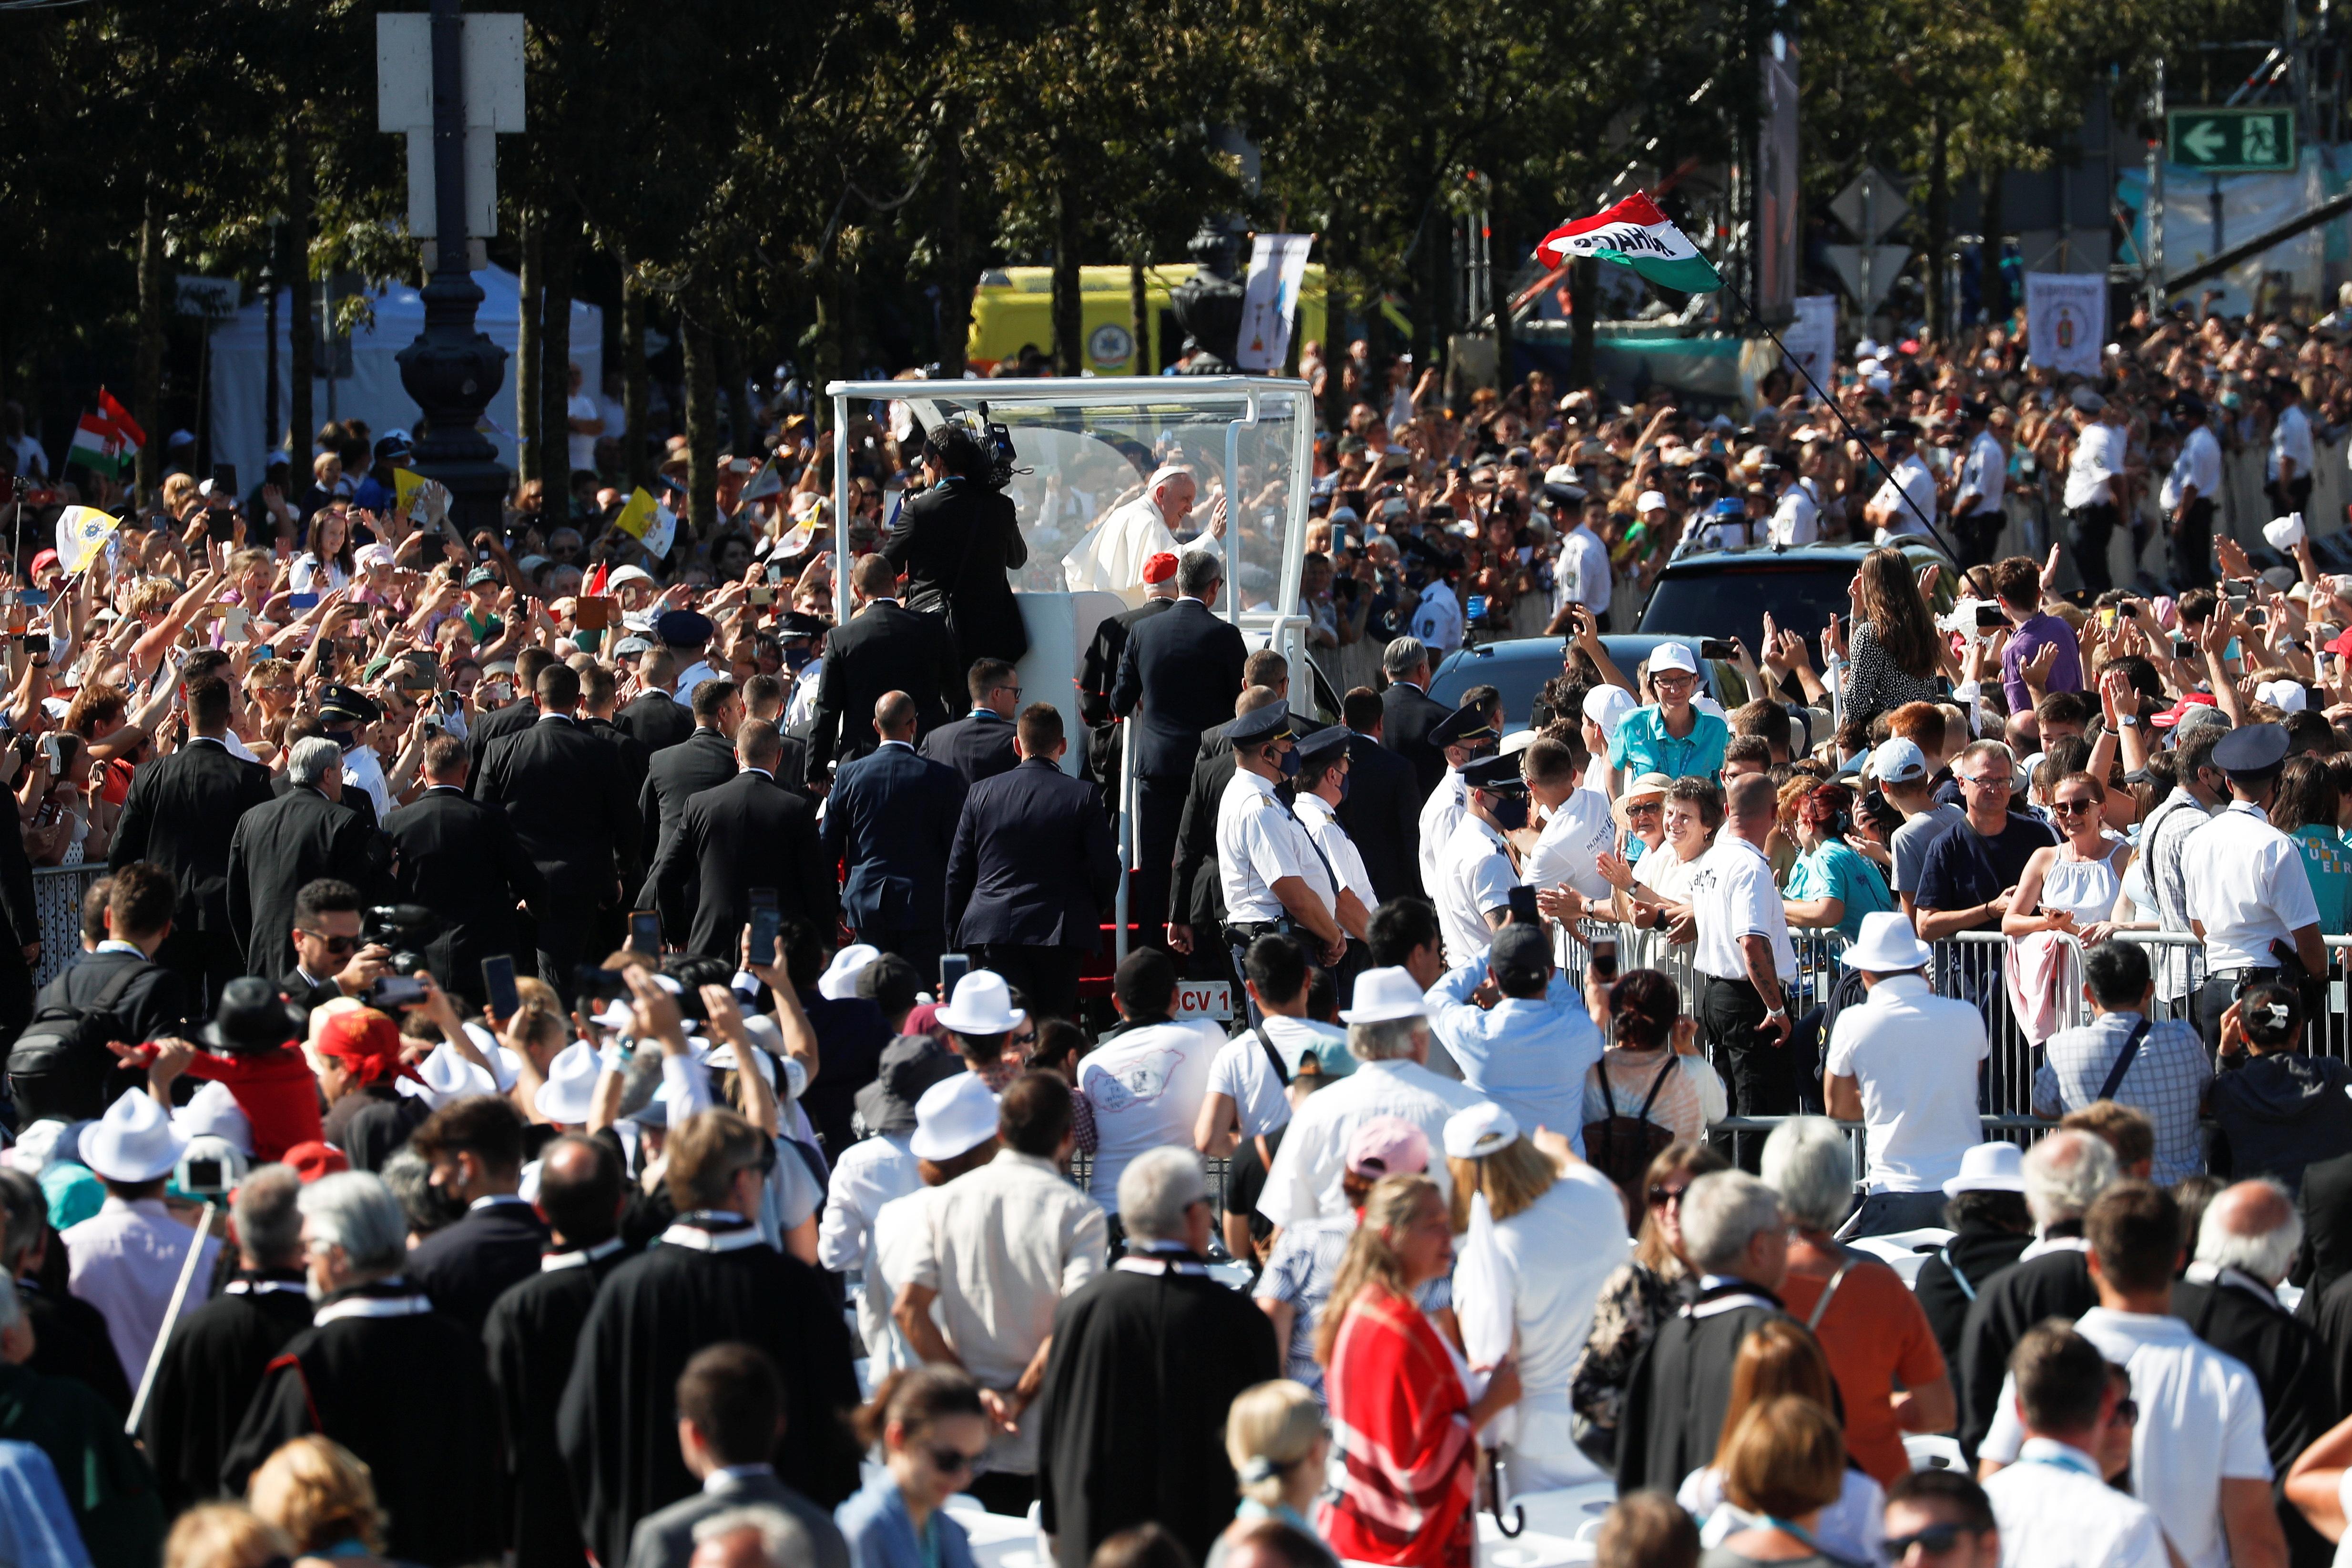 Ο Πάπας Φραγκίσκος χαιρετά τον κόσμο καθώς φτάνει στην Πλατεία Ηρώων στη Βουδαπέστη, Ουγγαρία, 12 Σεπτεμβρίου 2021. REUTERS/Remo Casilli